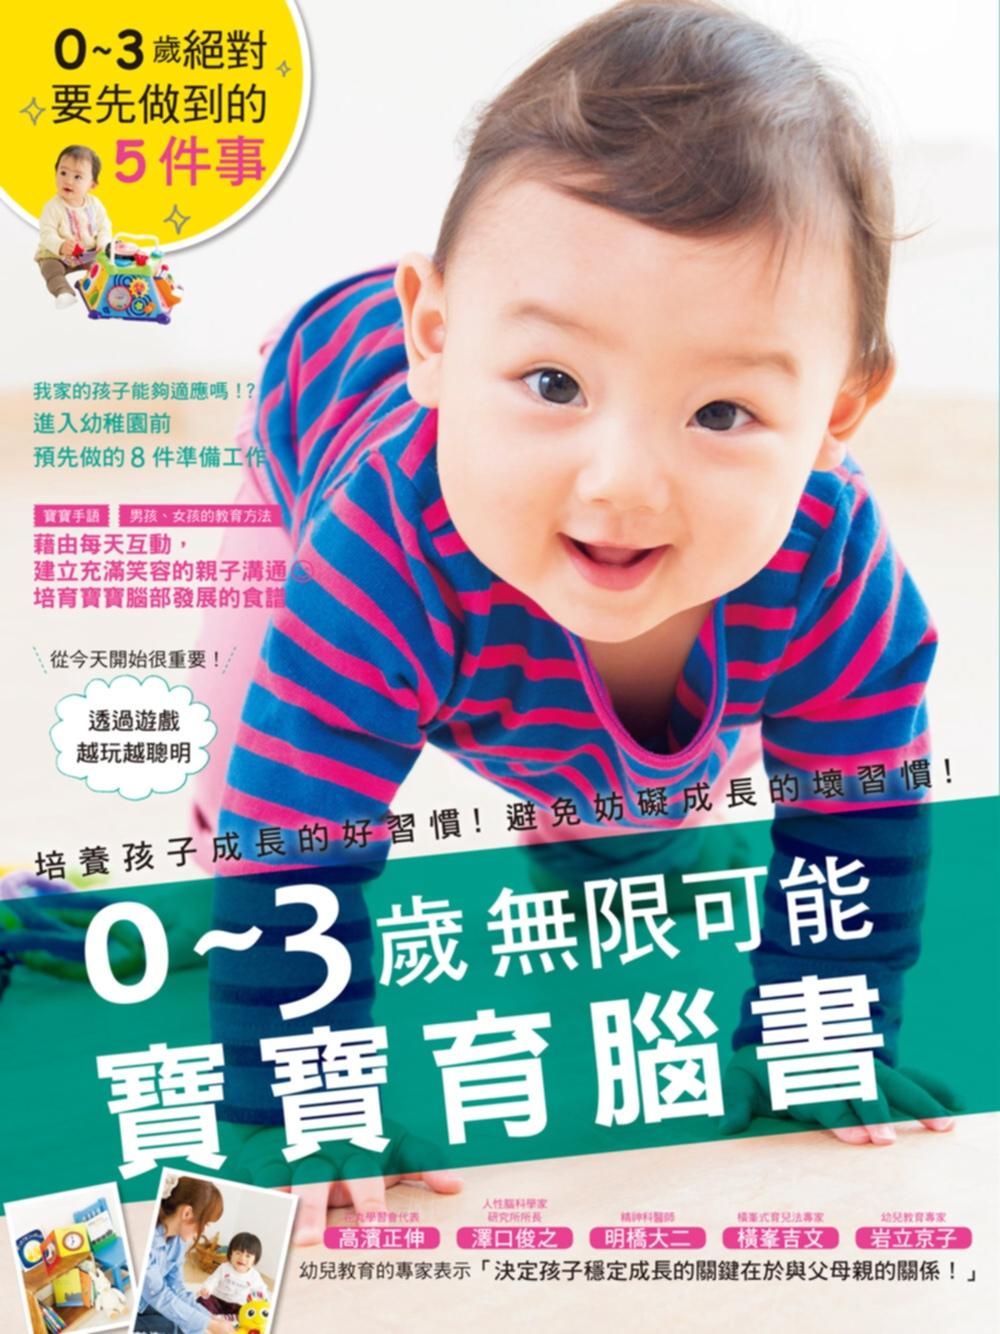 0~3歲 無限可能寶寶育腦書:不要錯過最關鍵的教育黃金時期!絕對要先做到的5件事!